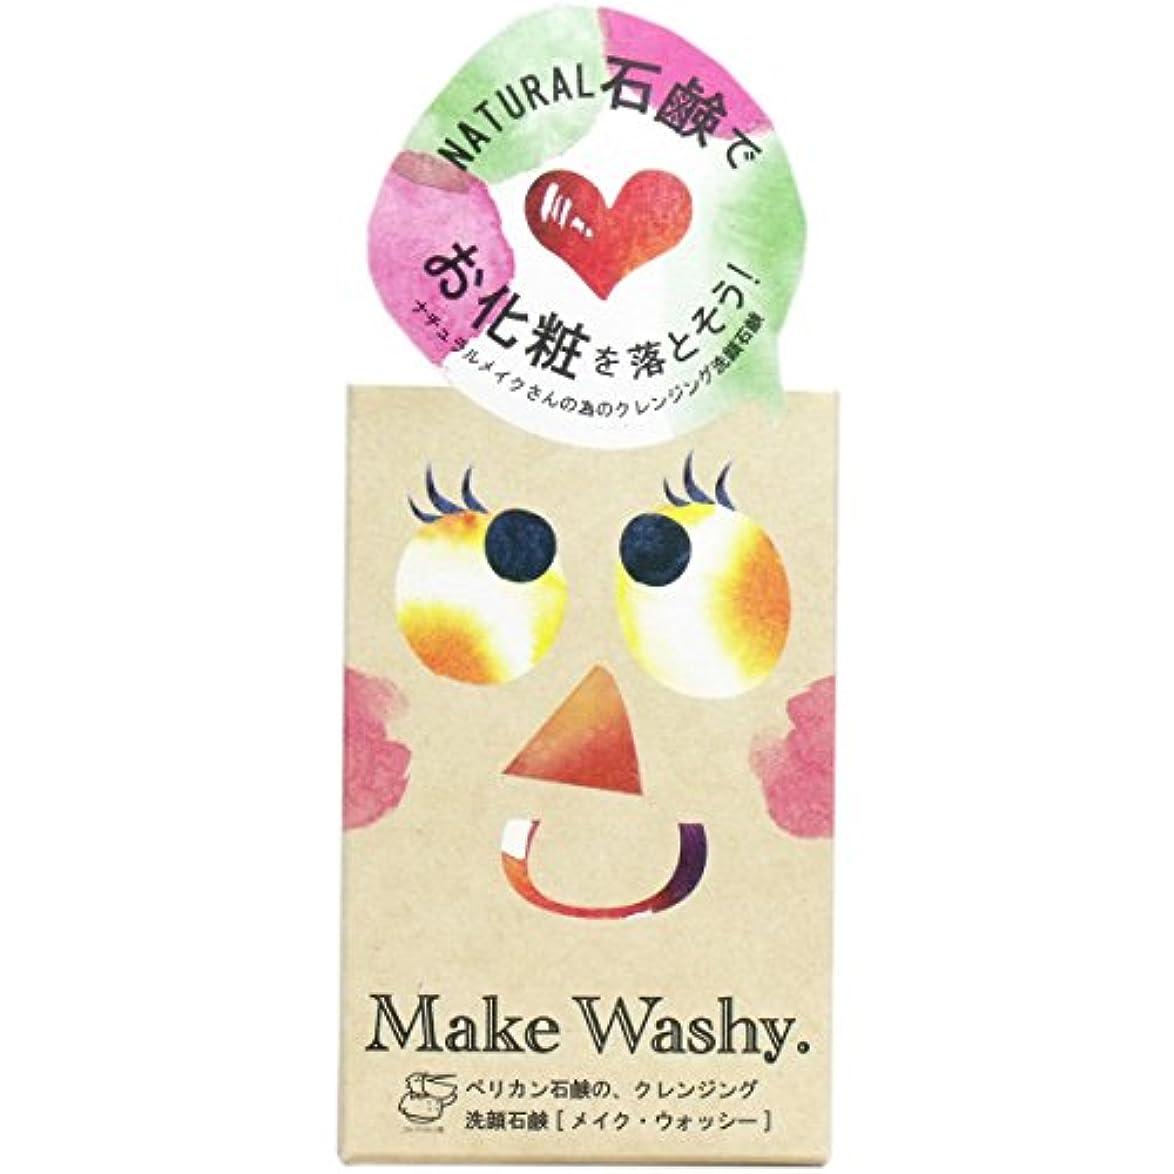 忠誠カスケードテロ【まとめ買い】メイクウォッシー 洗顔石鹸【×2個】